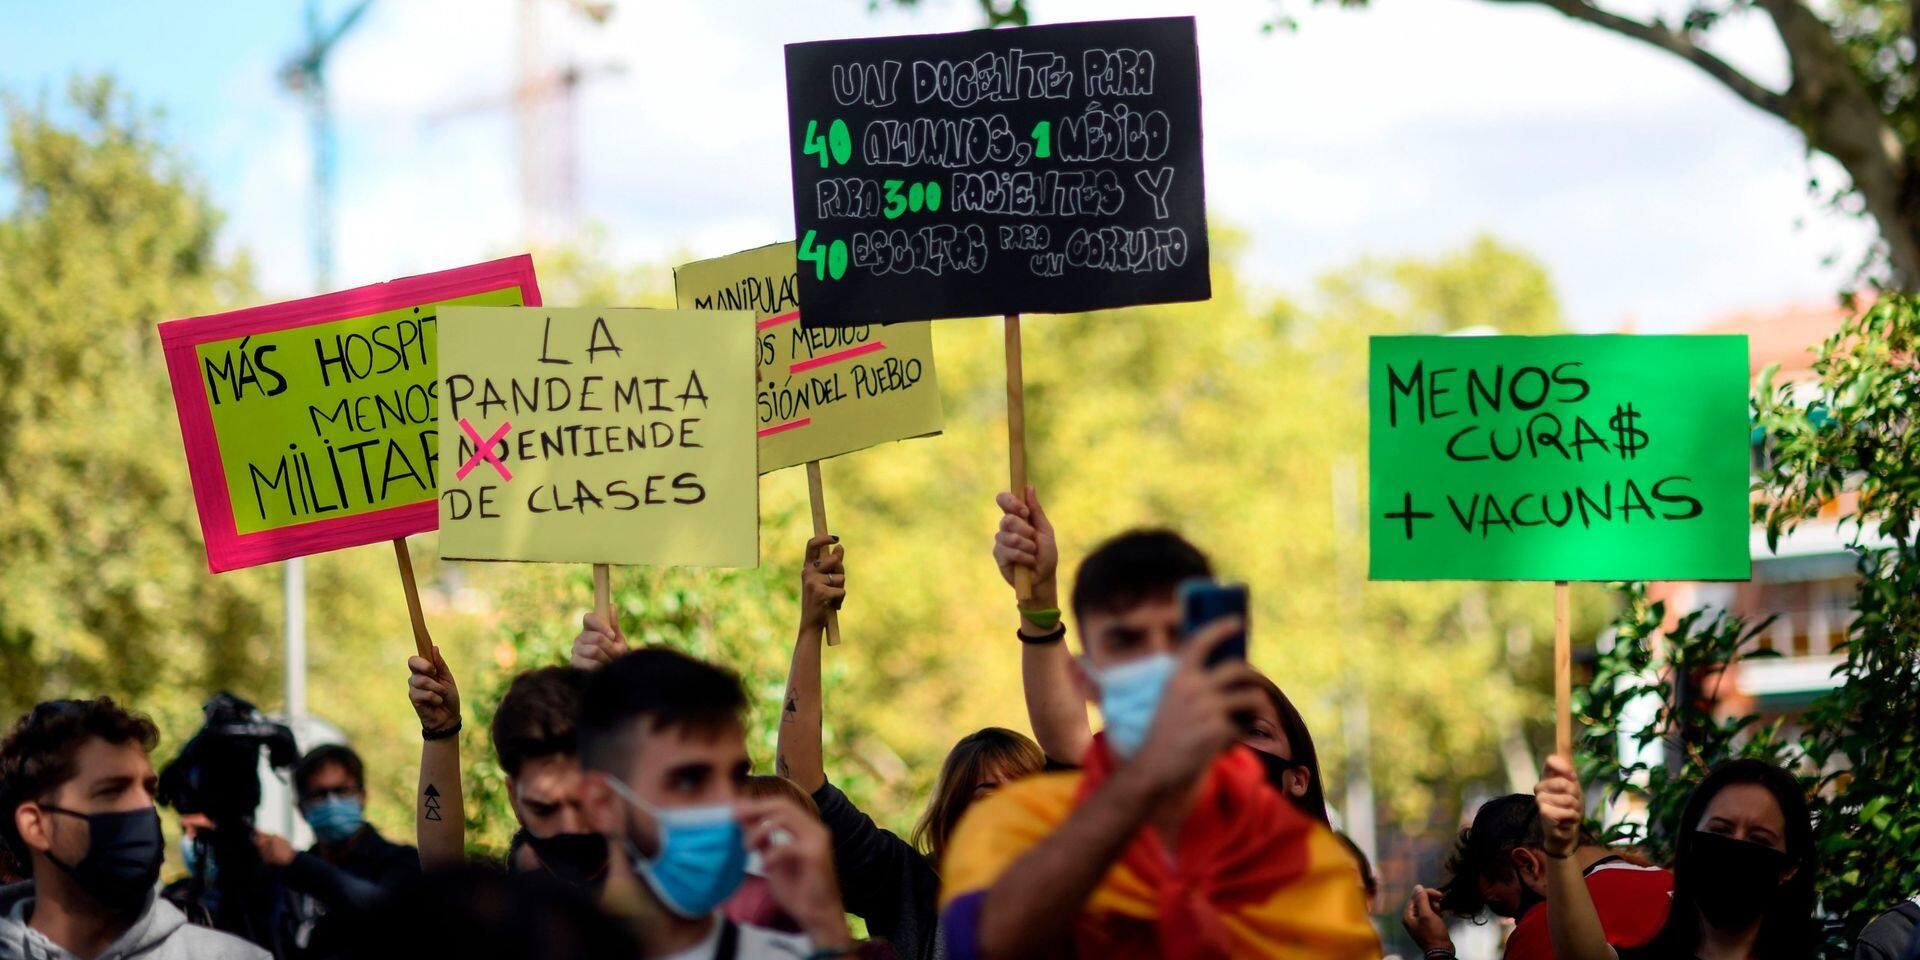 """Un tribunal de Madrid rejette les mesures de confinement partiel, """"nuisibles aux droits fondamentaux"""""""